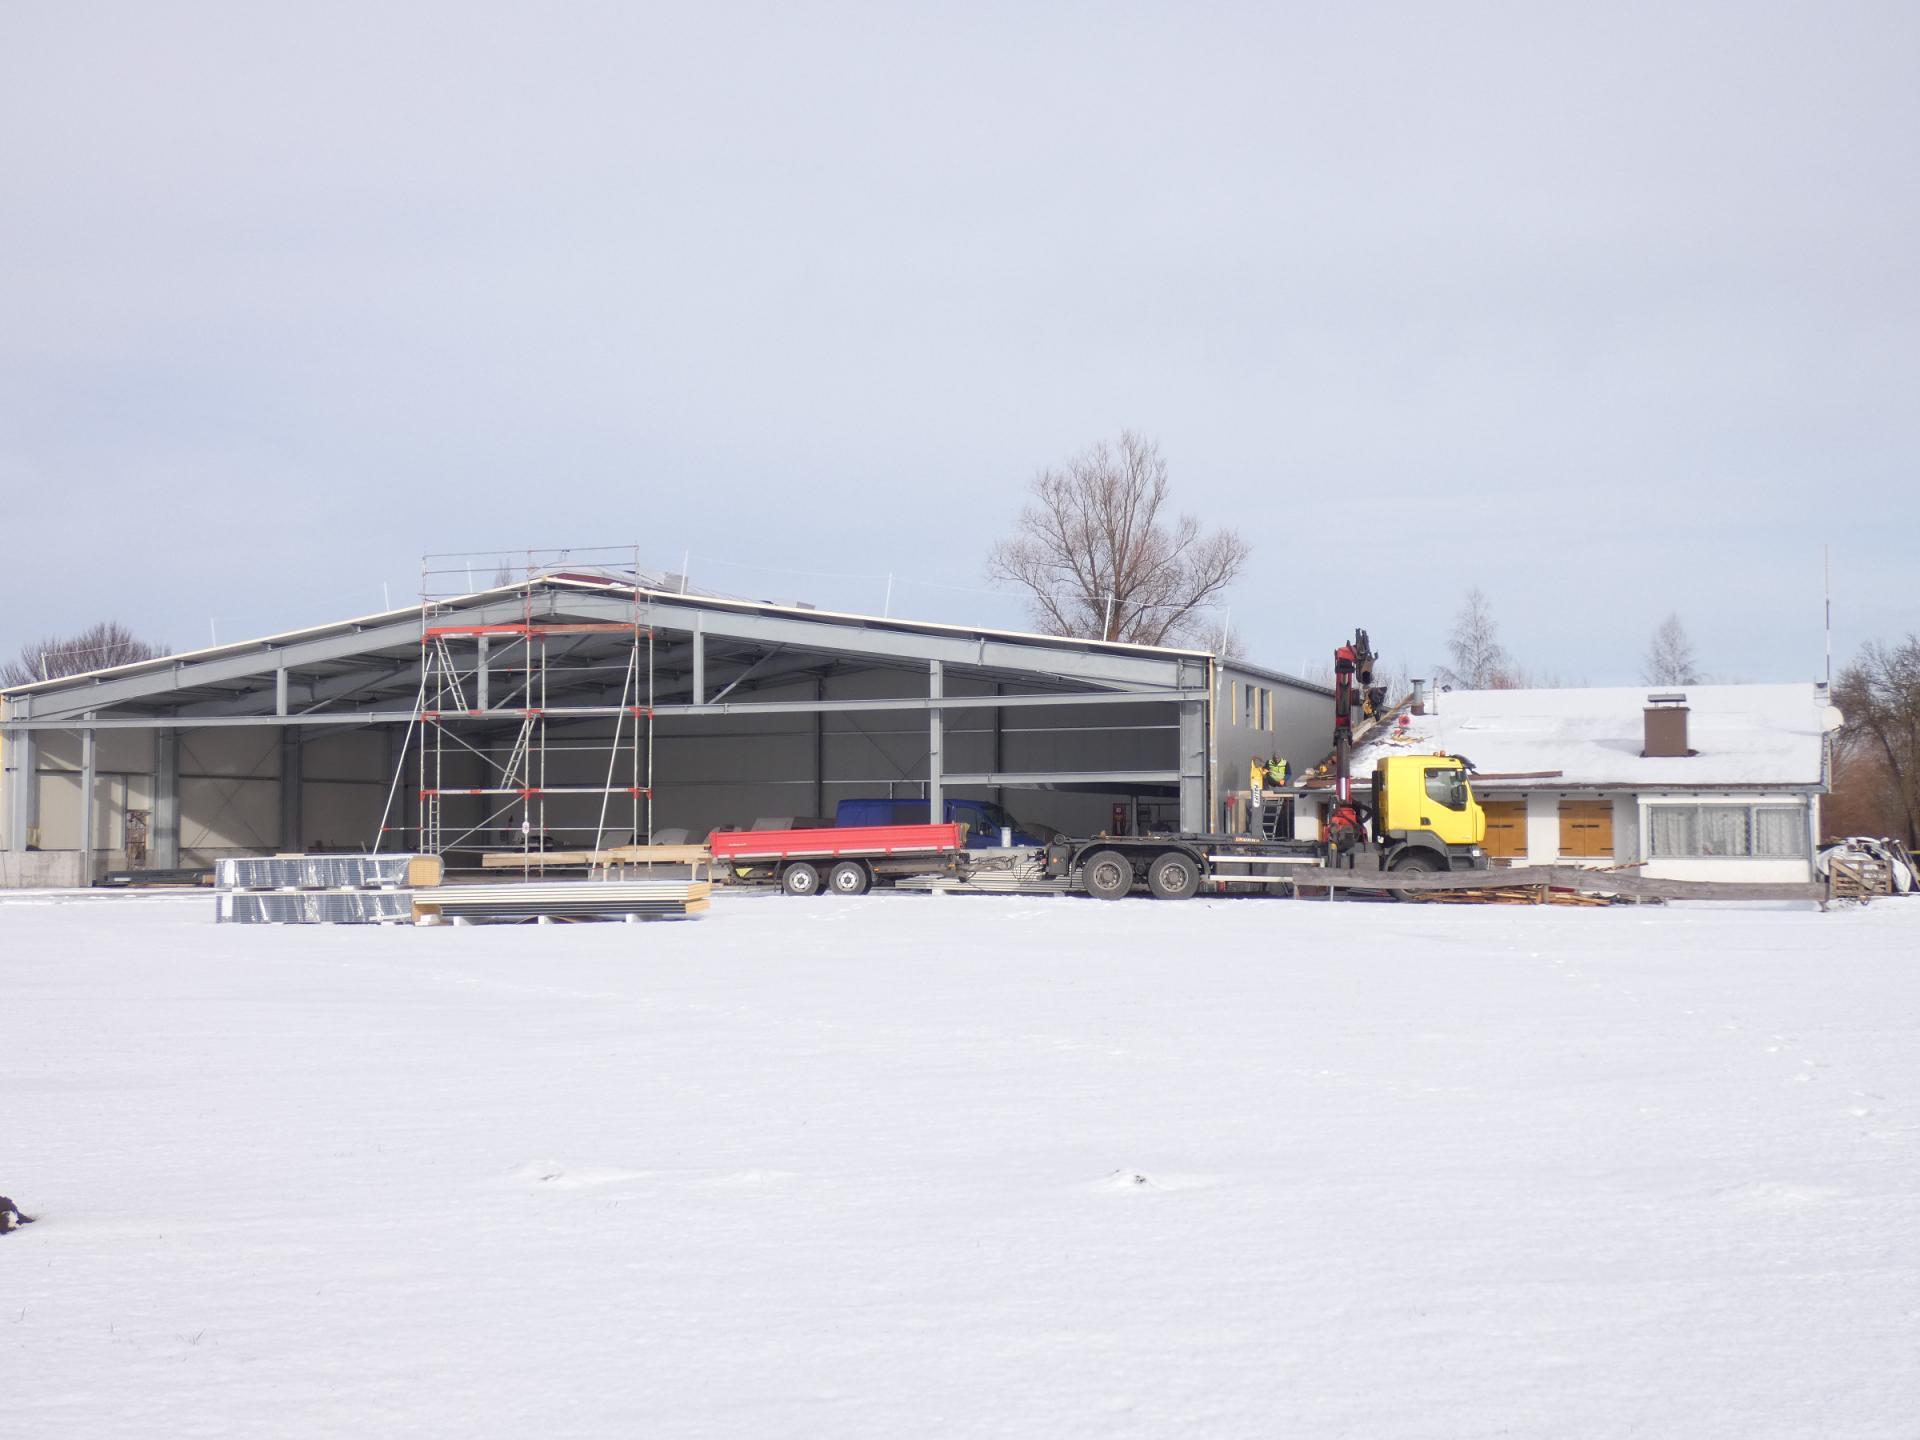 Verbindung neue Halle und alter Bau